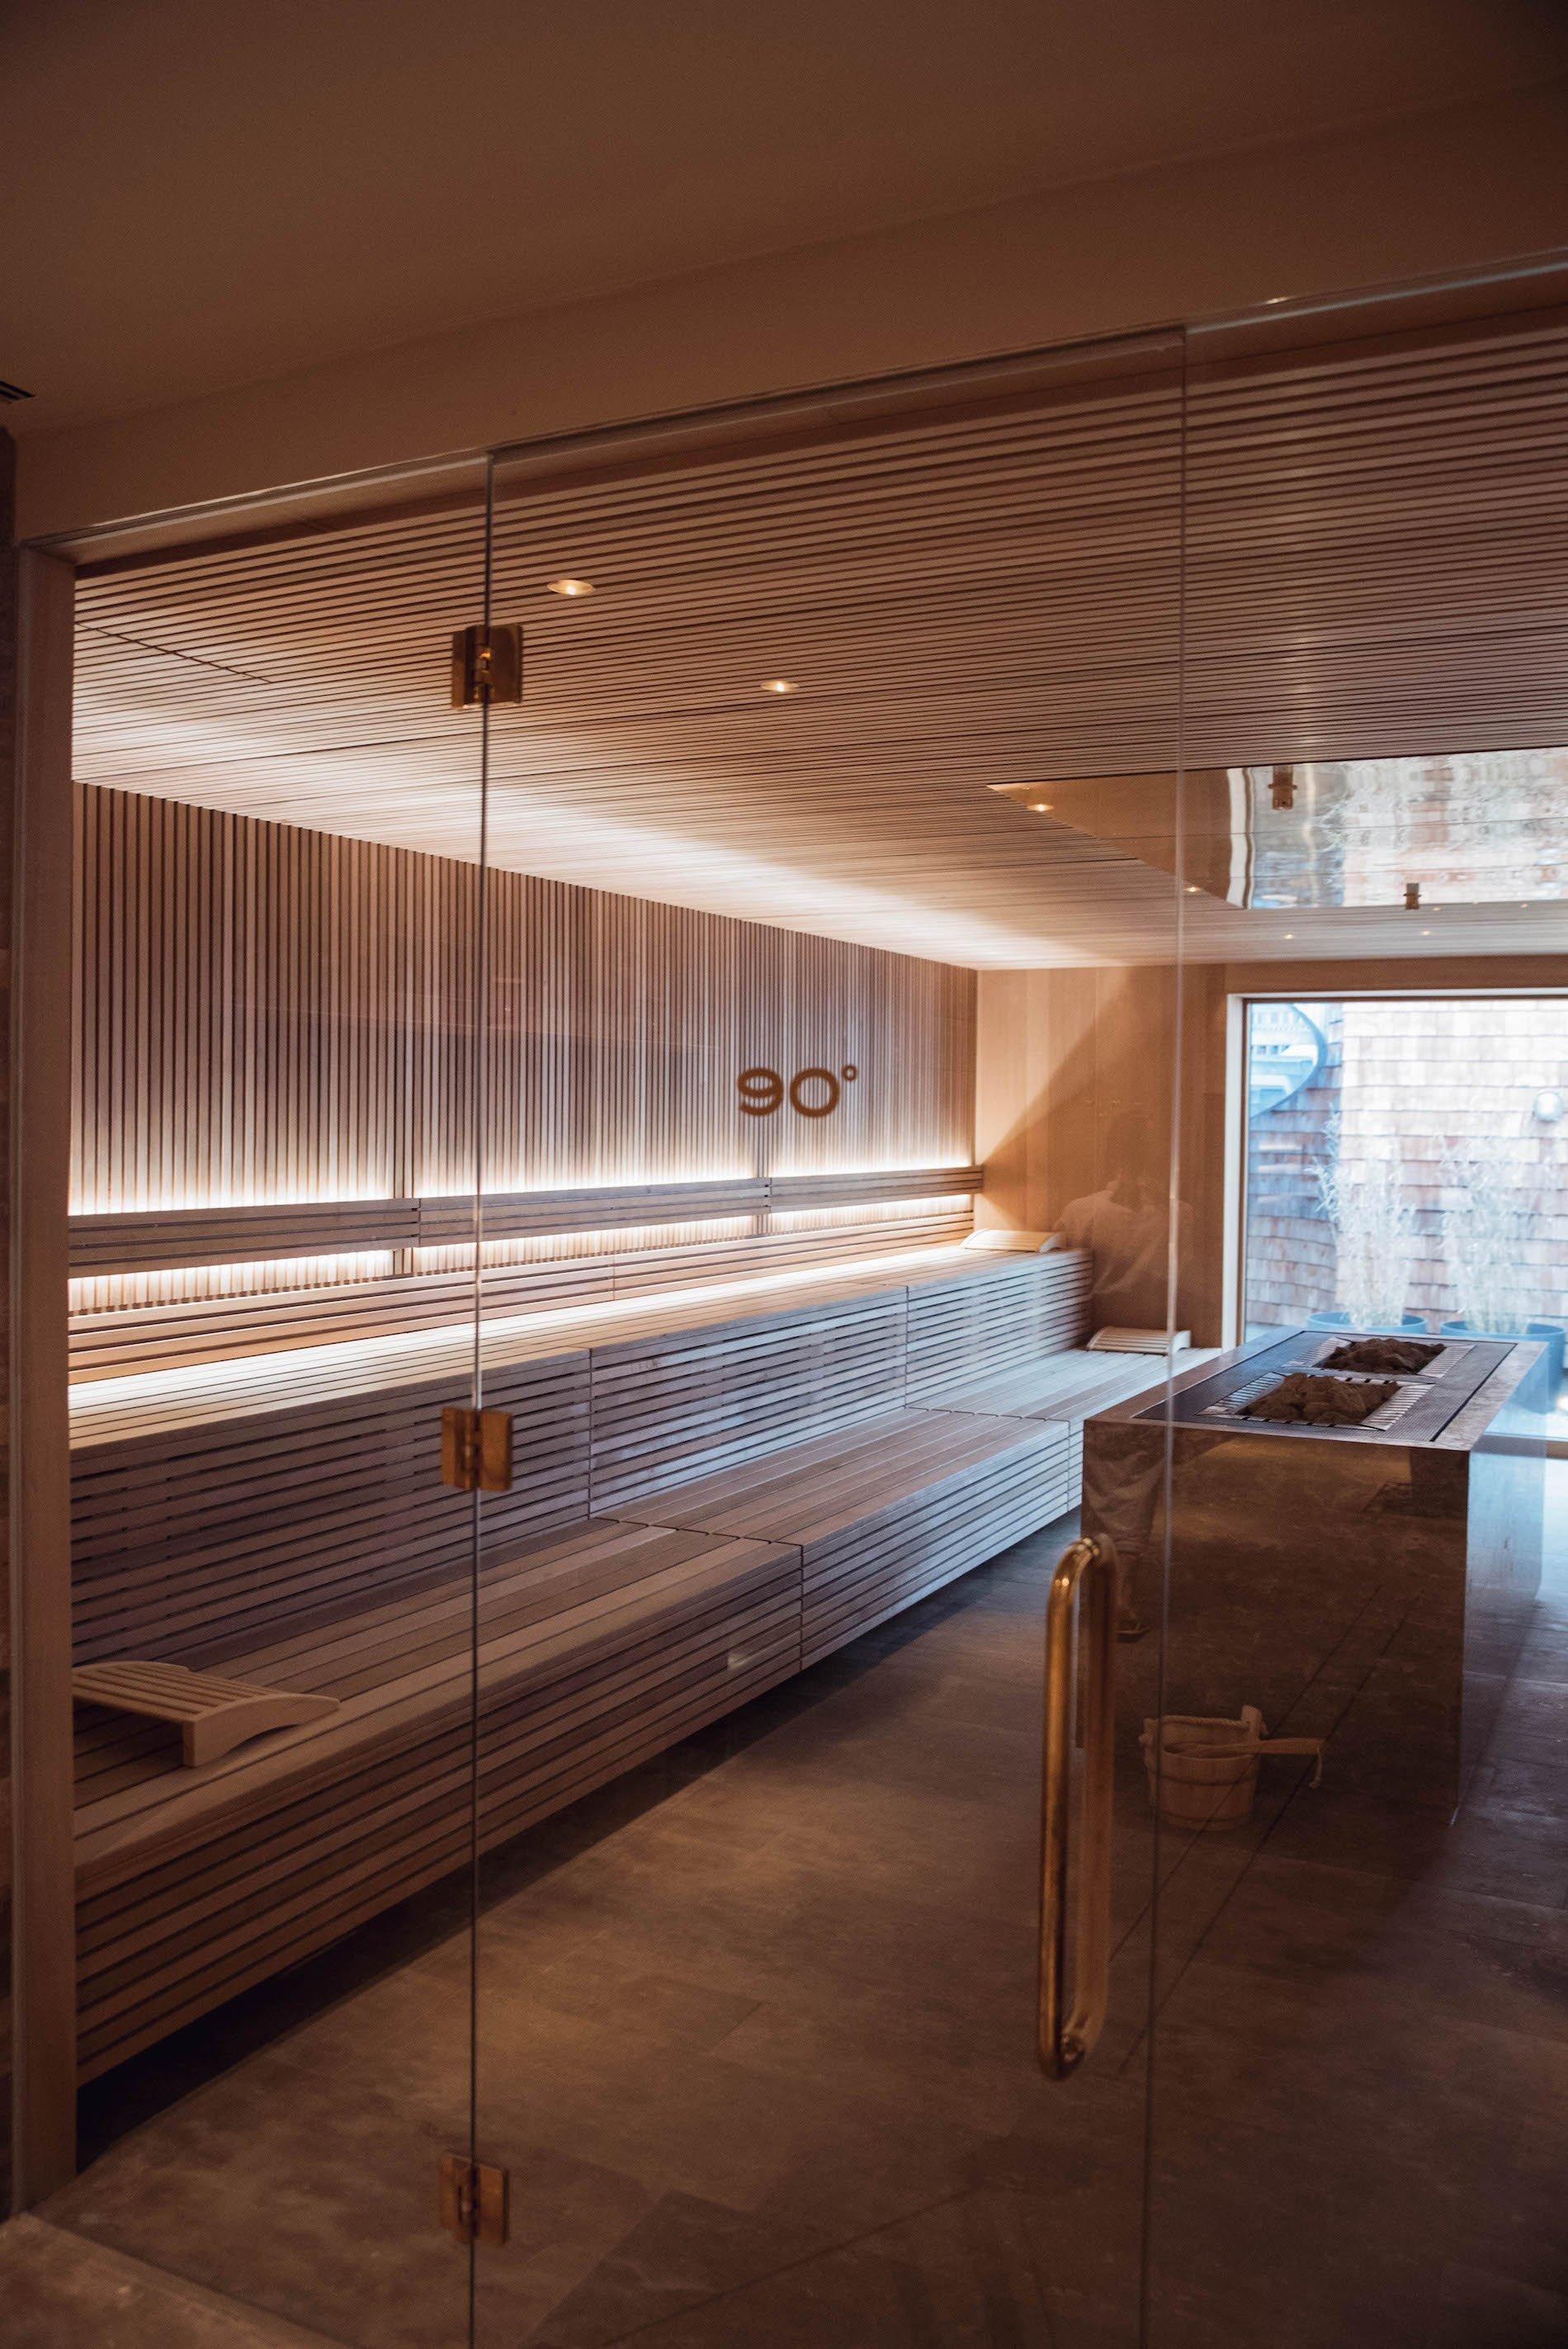 Wellnesshotel am Tegernsee Bachmair Weissach Sauna